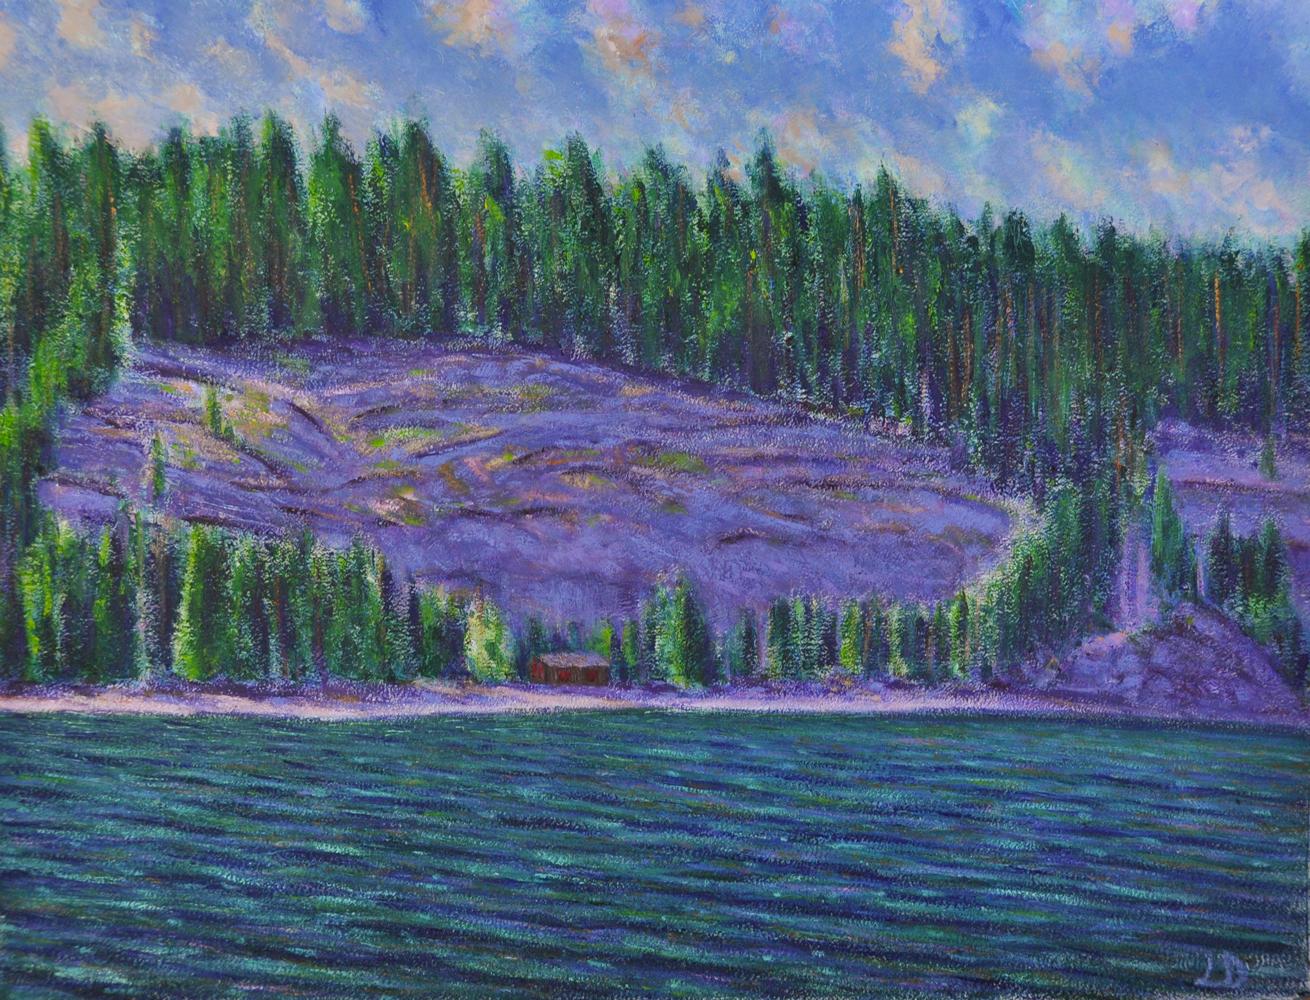 Lac de Joux, la cabane. Huile sur papier, 56x76, 2017